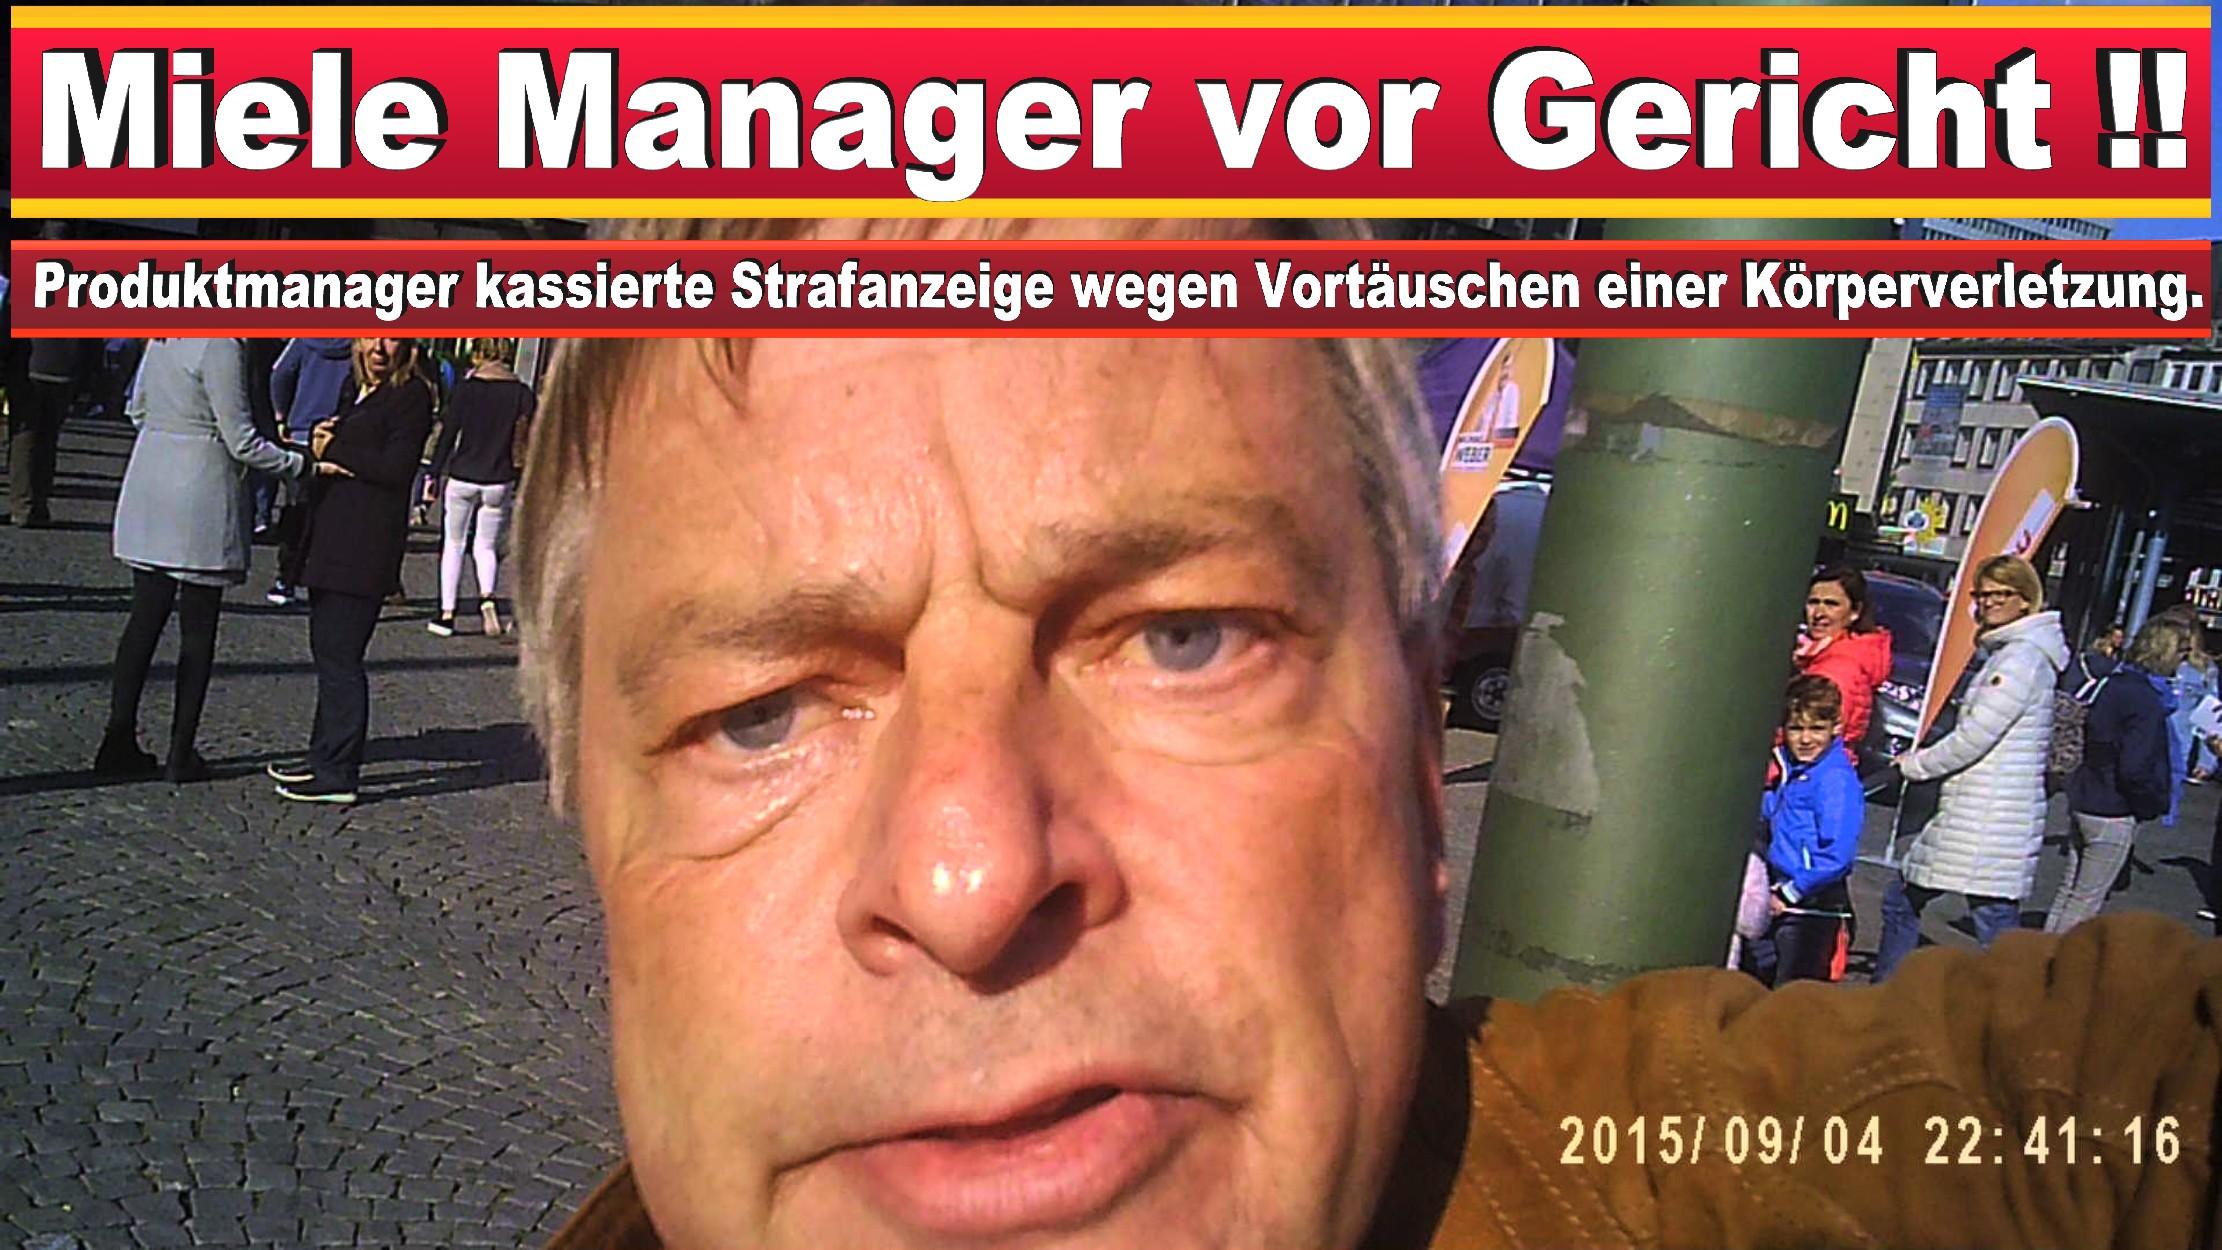 CDU BIELEFELD POLIZEIGEWALT GEWALTAUSBRUCH UND STRAFANZEIGE GEGEN EINEN JOURNALISTEN (5)